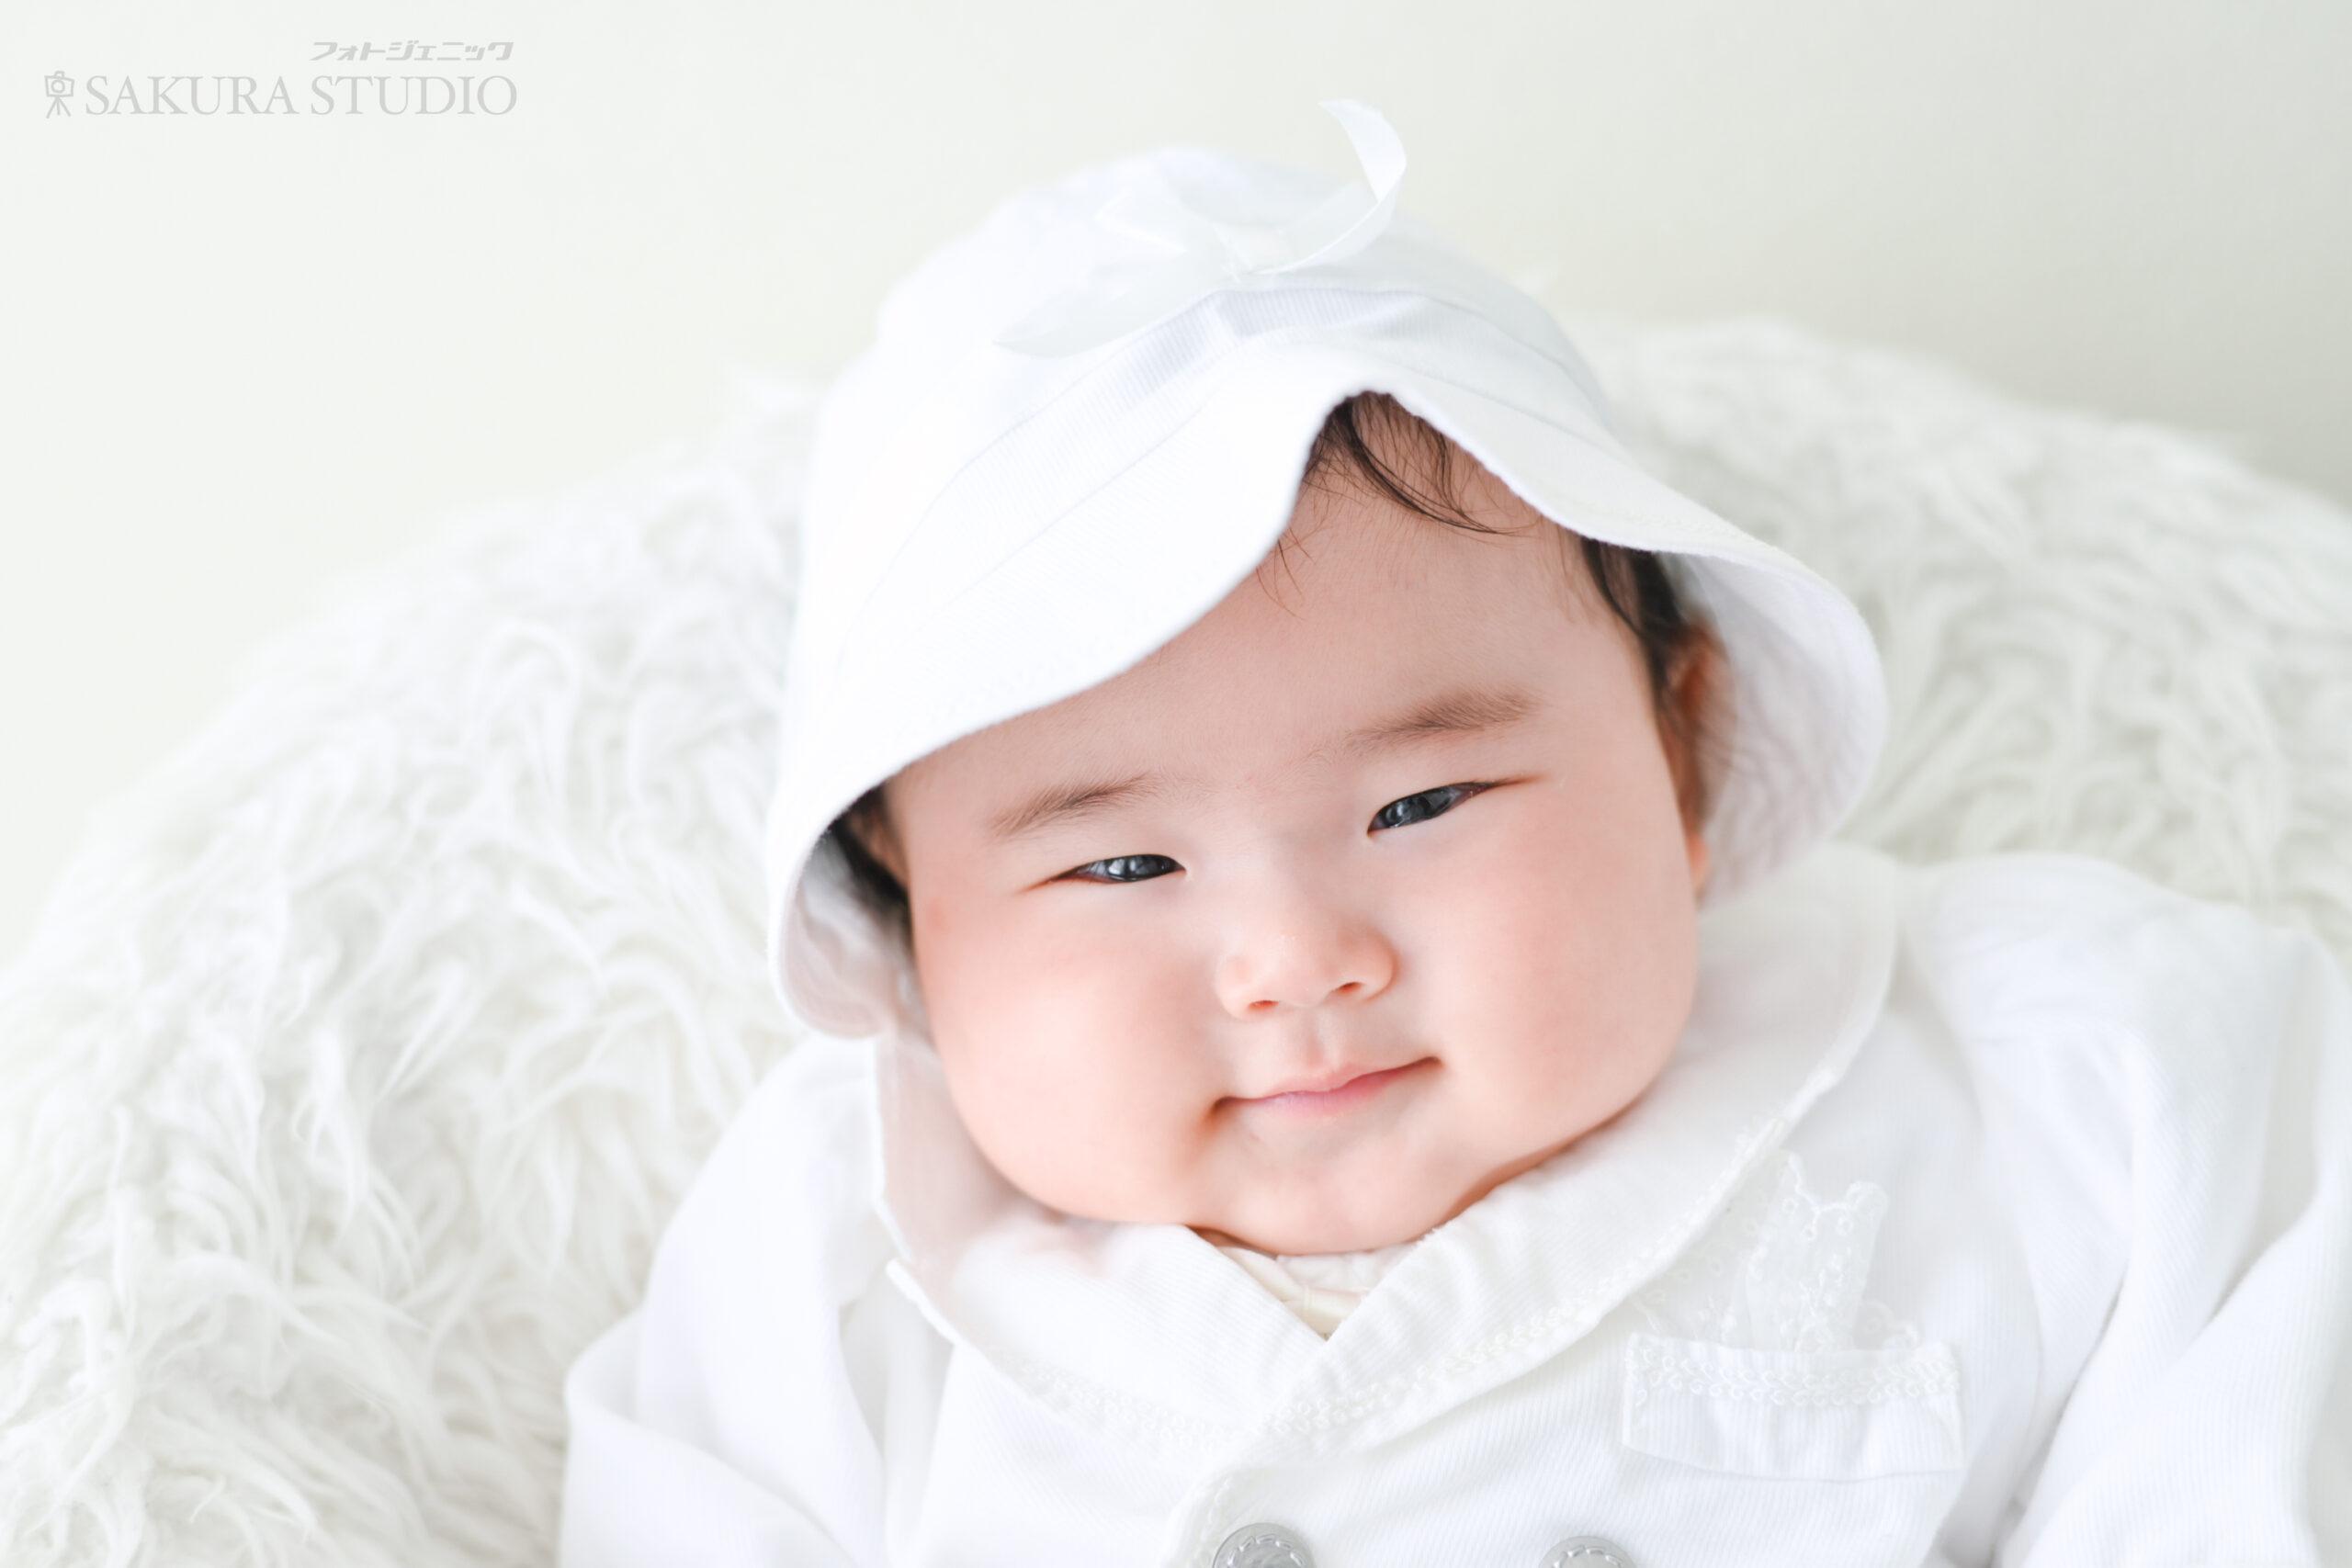 お宮参り 赤ちゃん 男の子 産着 ベビードレス はだかんぼ フォトジェニックサクラスタジオ 栃木 宇都宮